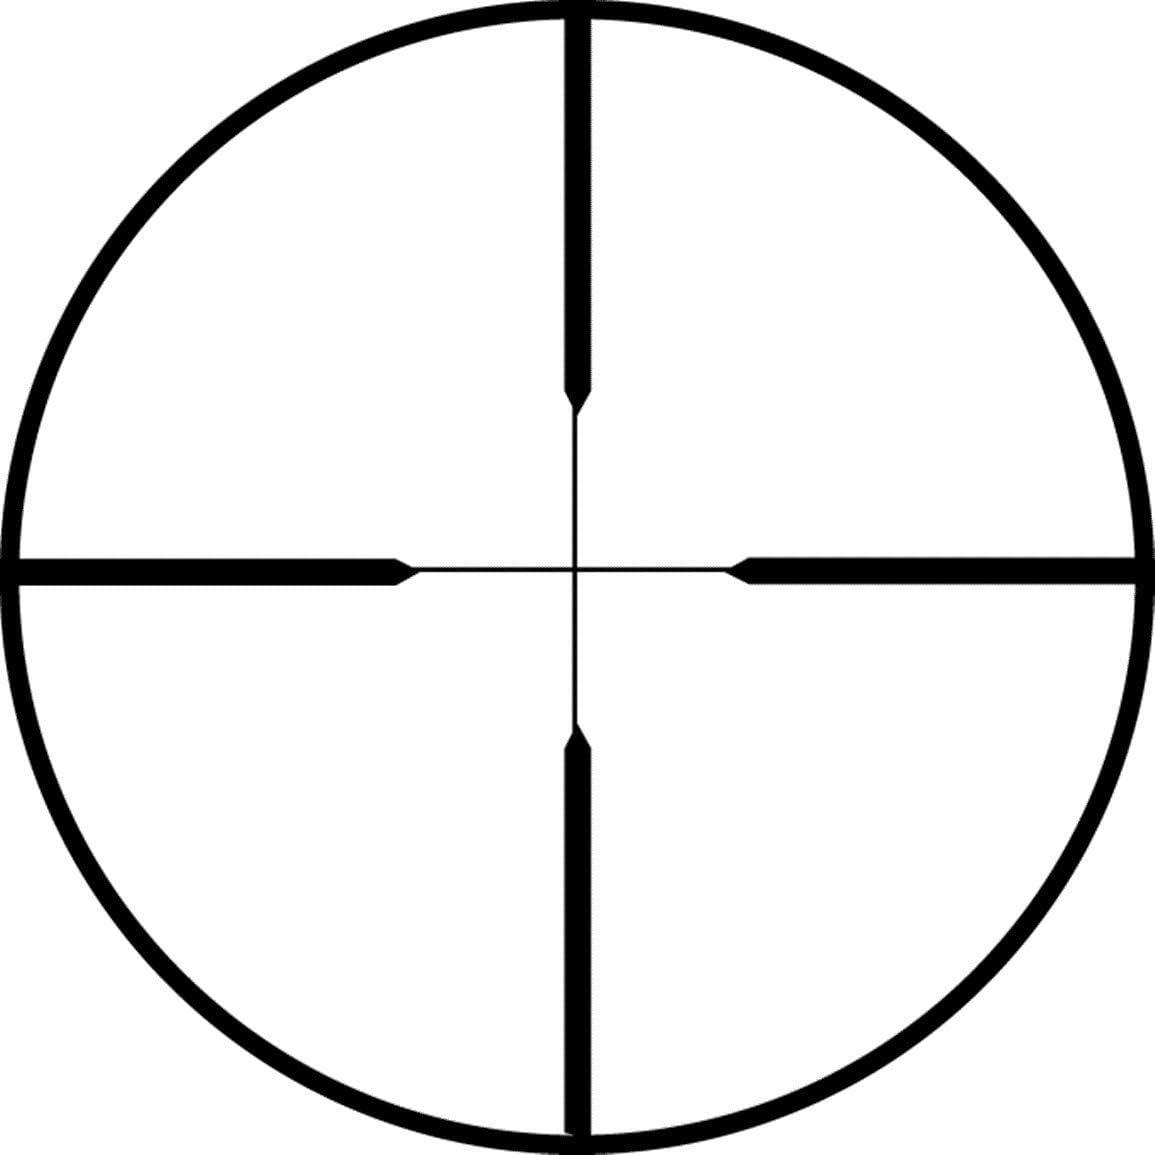 LOBO DEL FUEGO Hecho for uso con Ruger 10-22 t/áctico grado de los aviones de aluminio 7//8 pulgadas tejedor Picatinny /Ámbito vista de accesorios de montaje en riel for rifles Ma QFL Miras telesc/ópicas